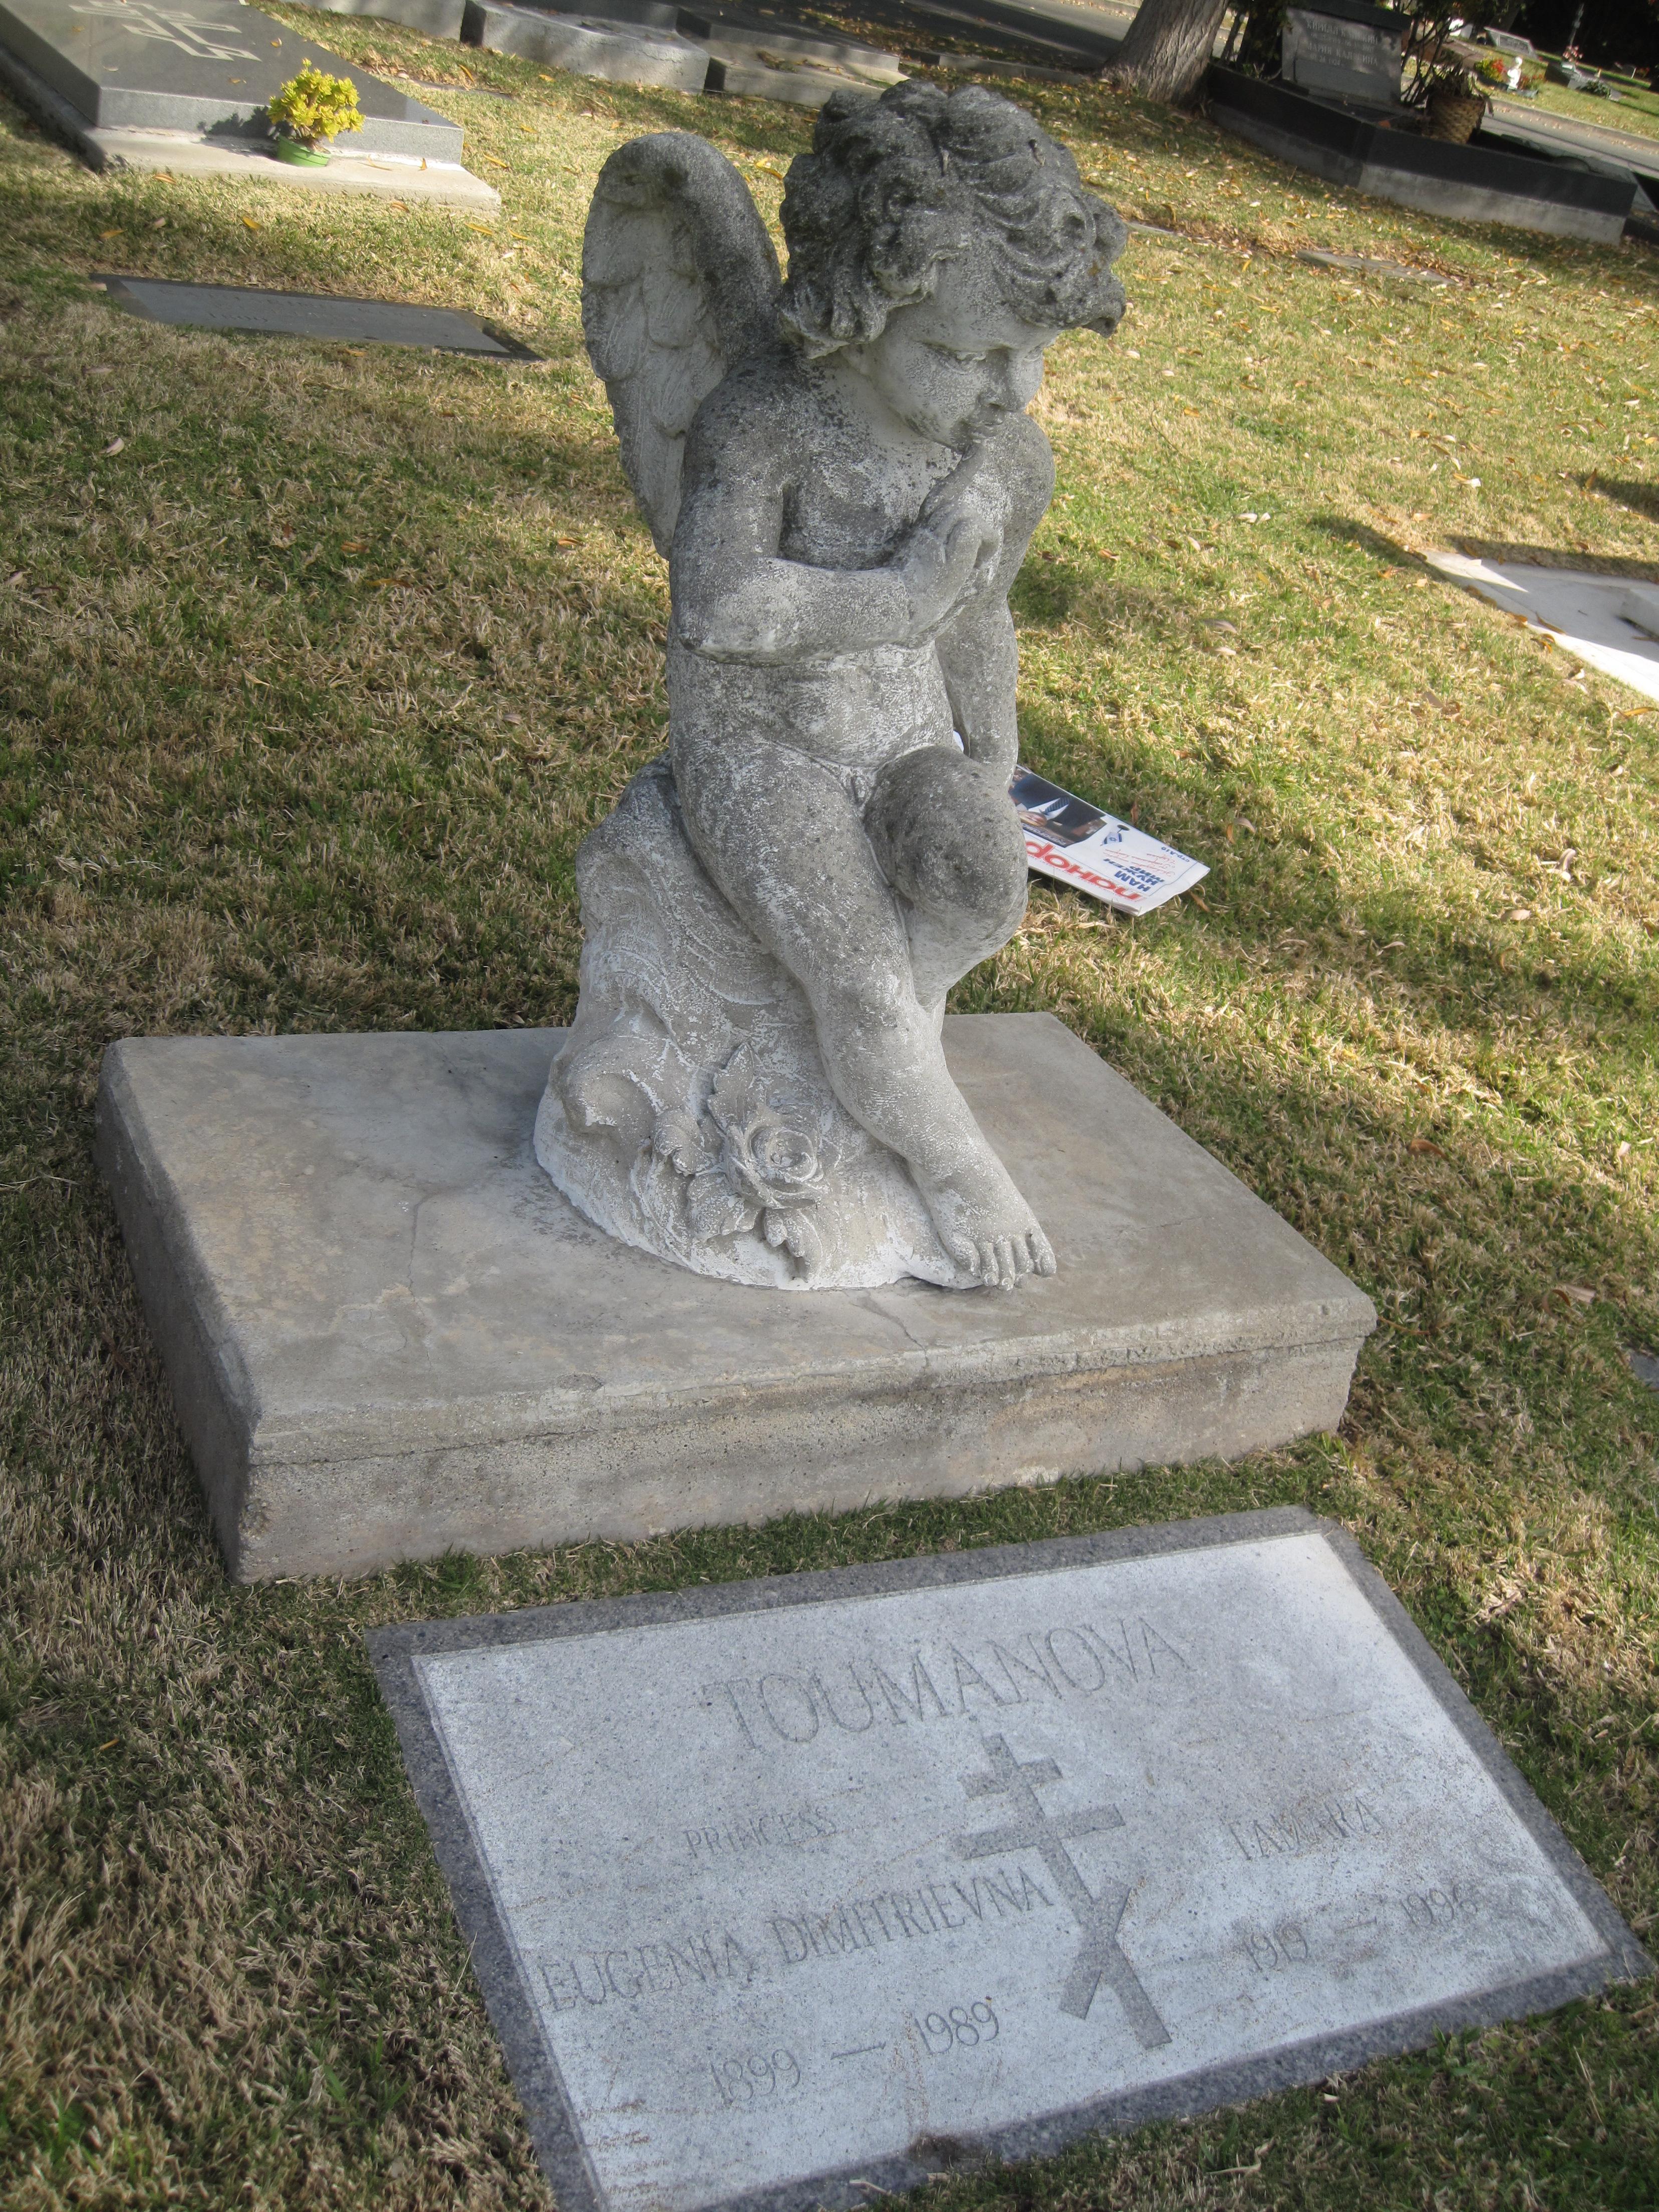 Photo: Toumanova Tamara Могила Тумановой находится: Section 8, Lot 111, Grave 7 В близи через 5 могил находится могила её отца Хасидовича В.Д.